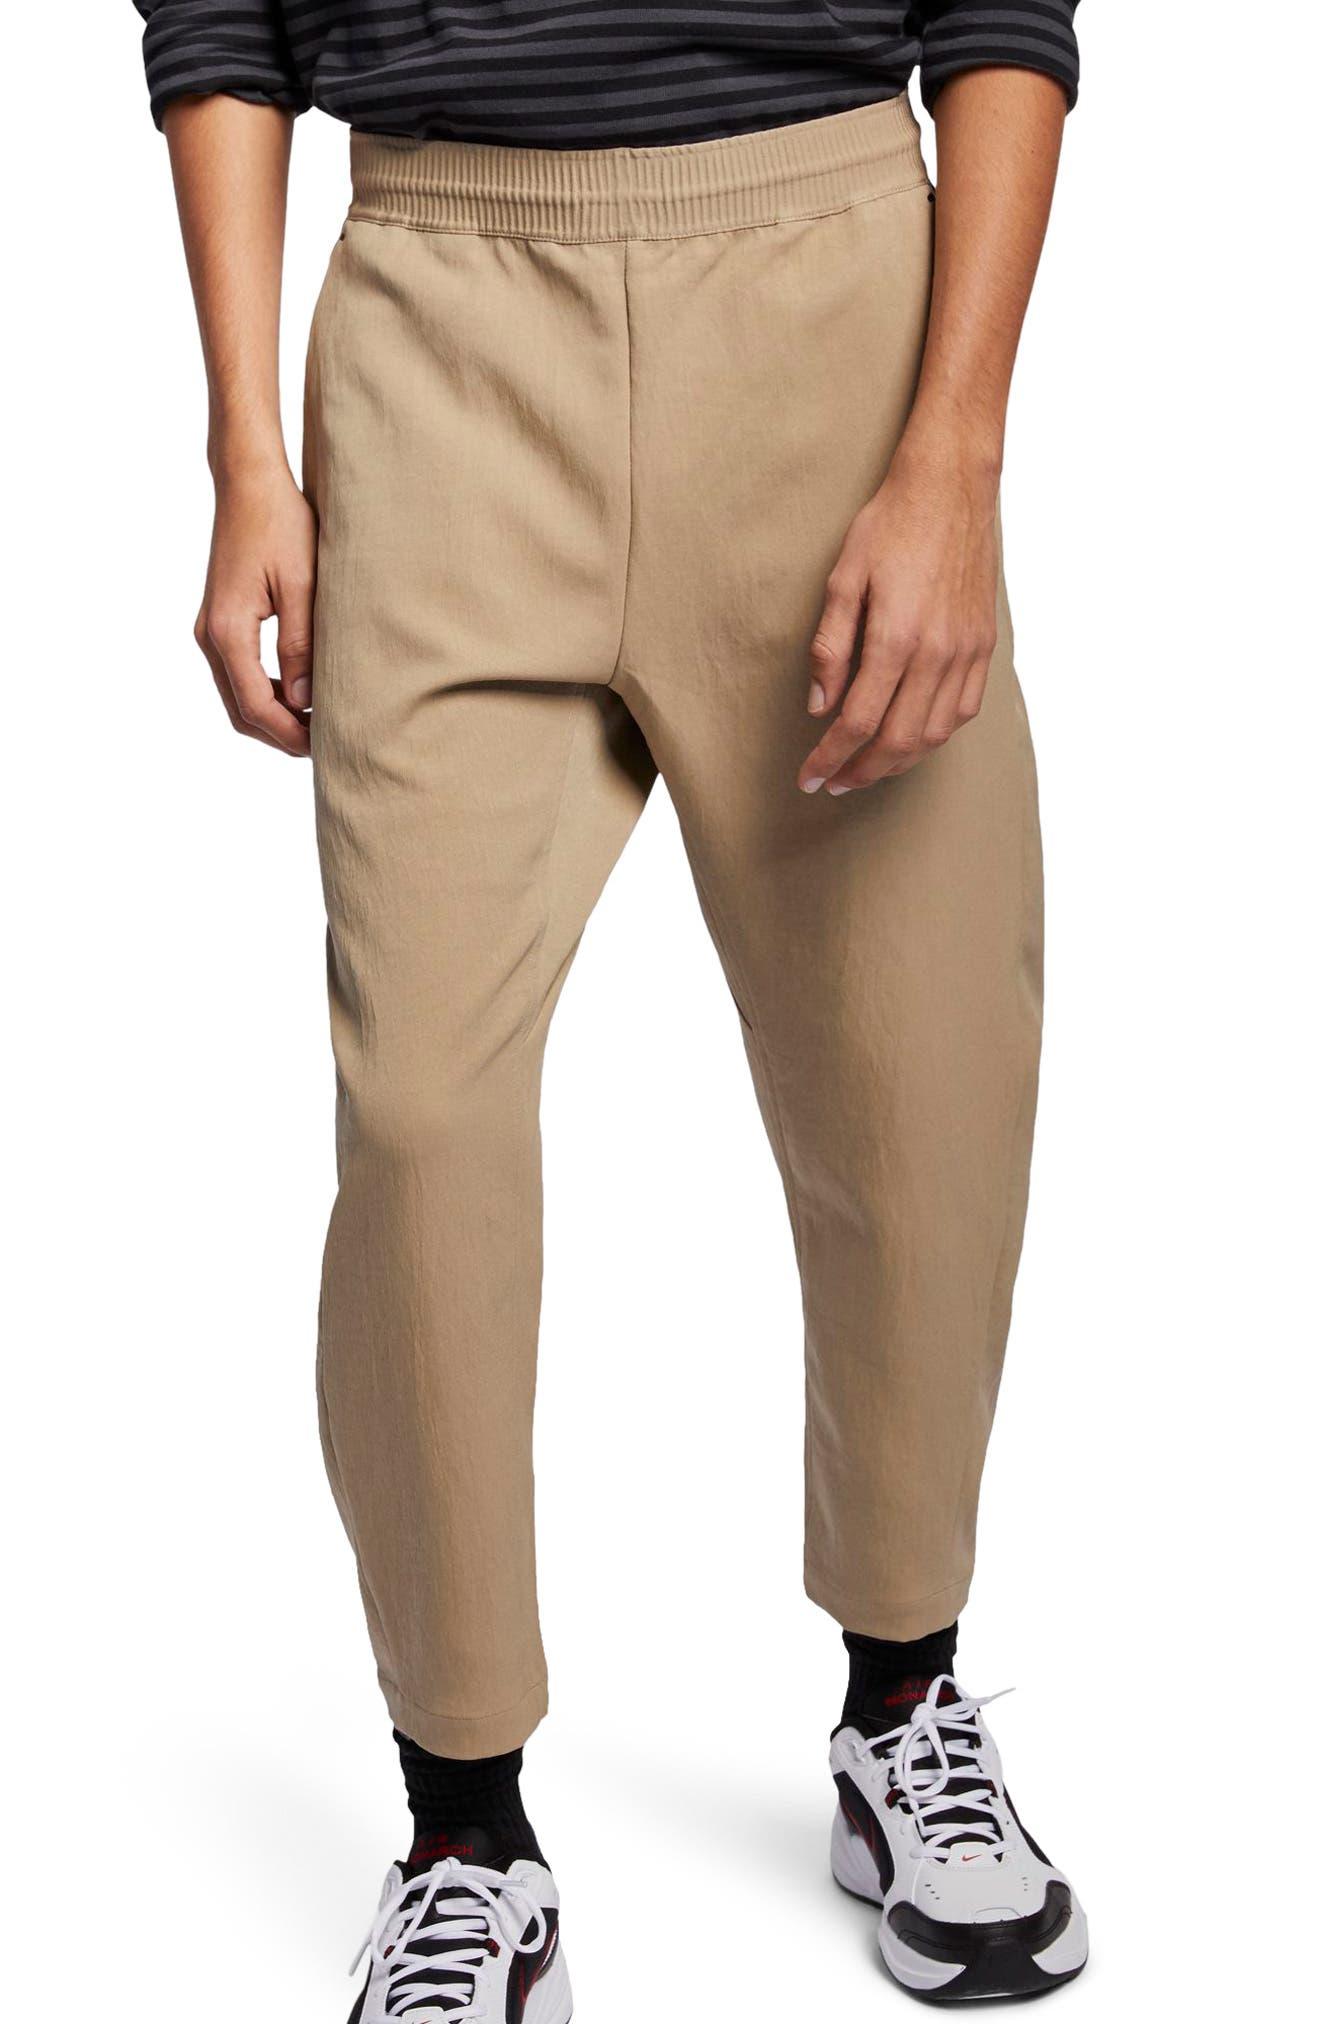 NIKE, Sportswear Tech Pack Men's Crop Woven Pants, Main thumbnail 1, color, KHAKI/ KHAKI/ BLACK